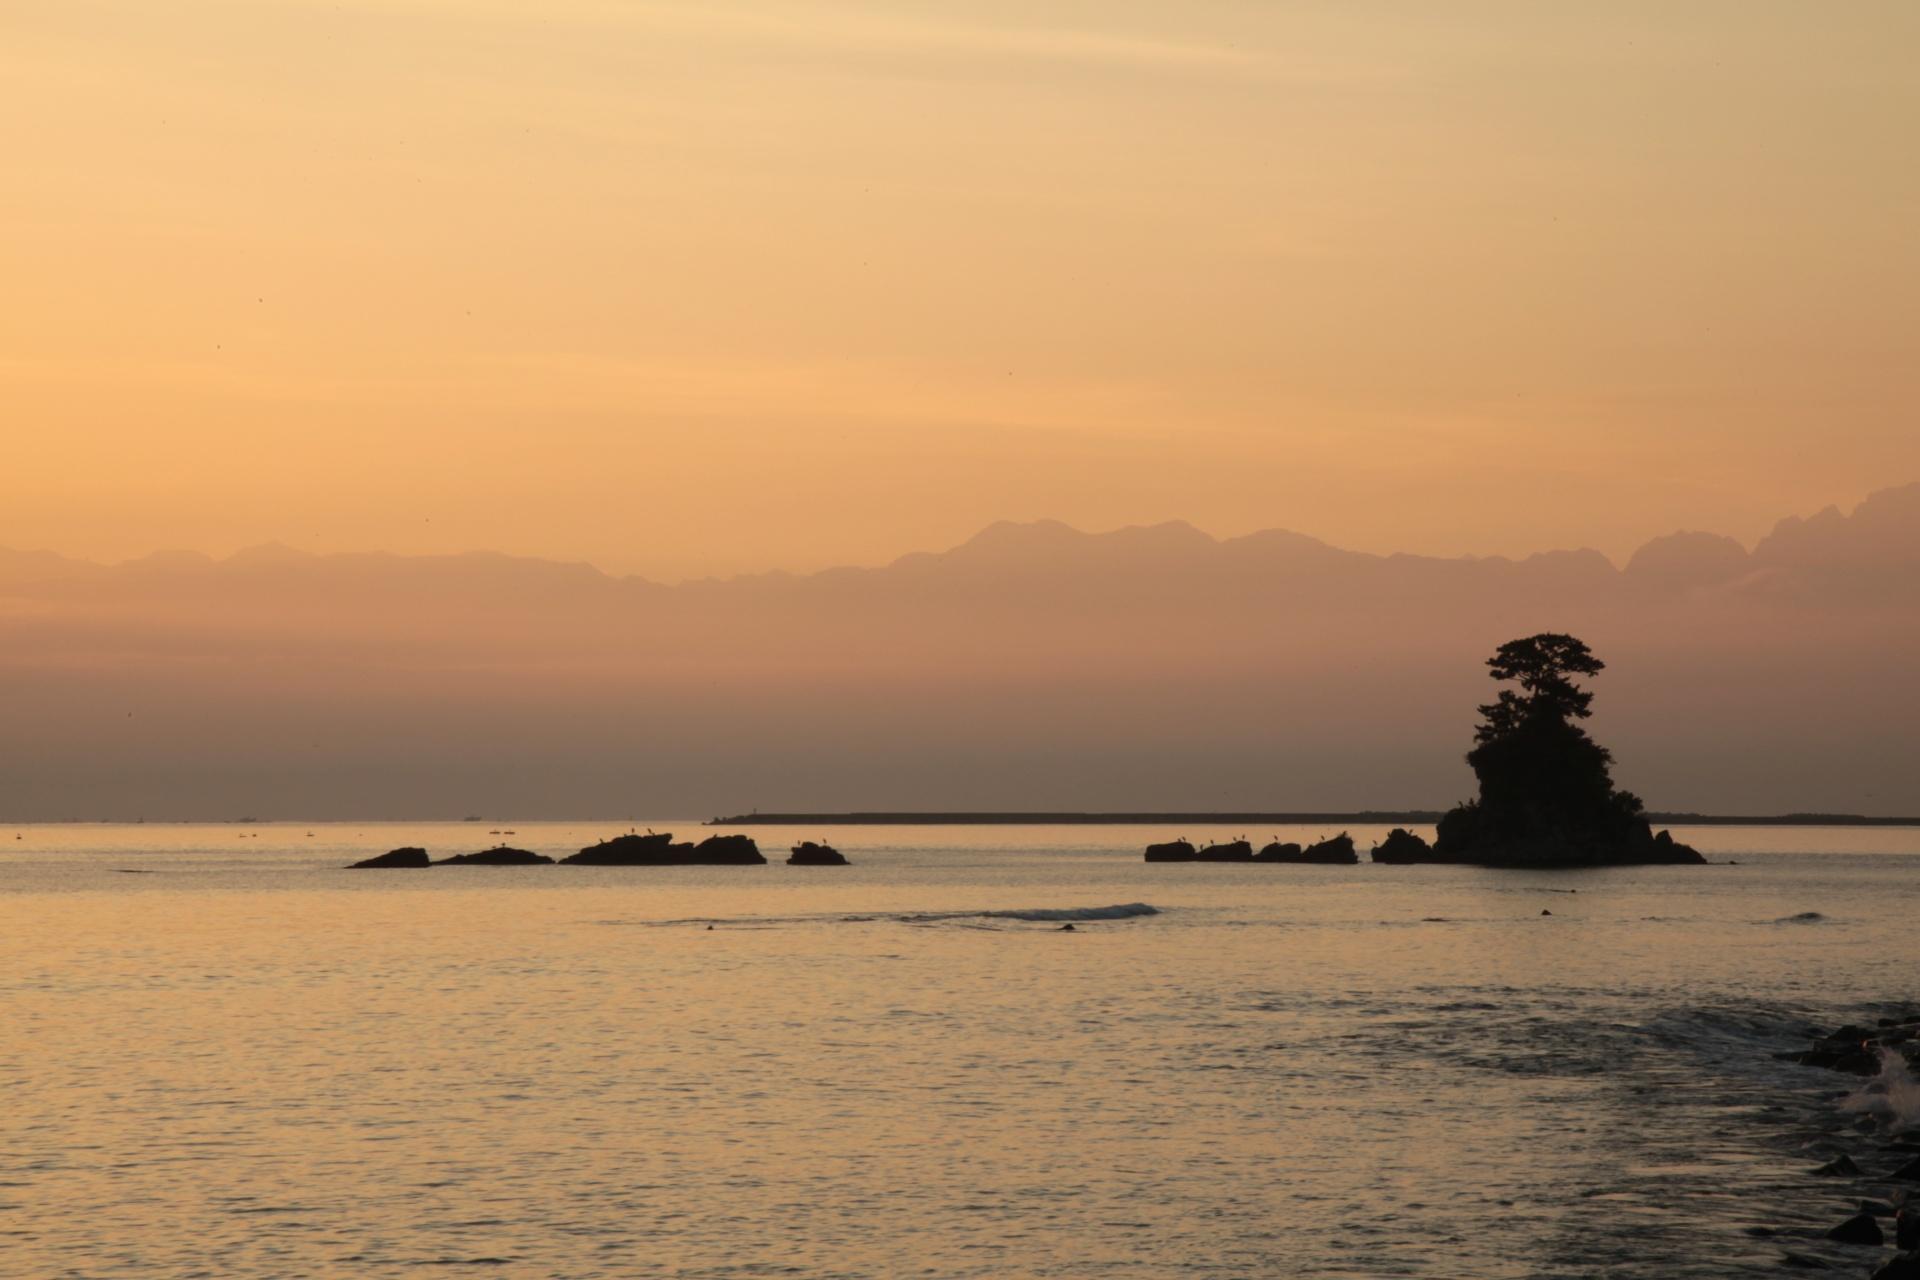 朝の雨晴海岸 富山の風景